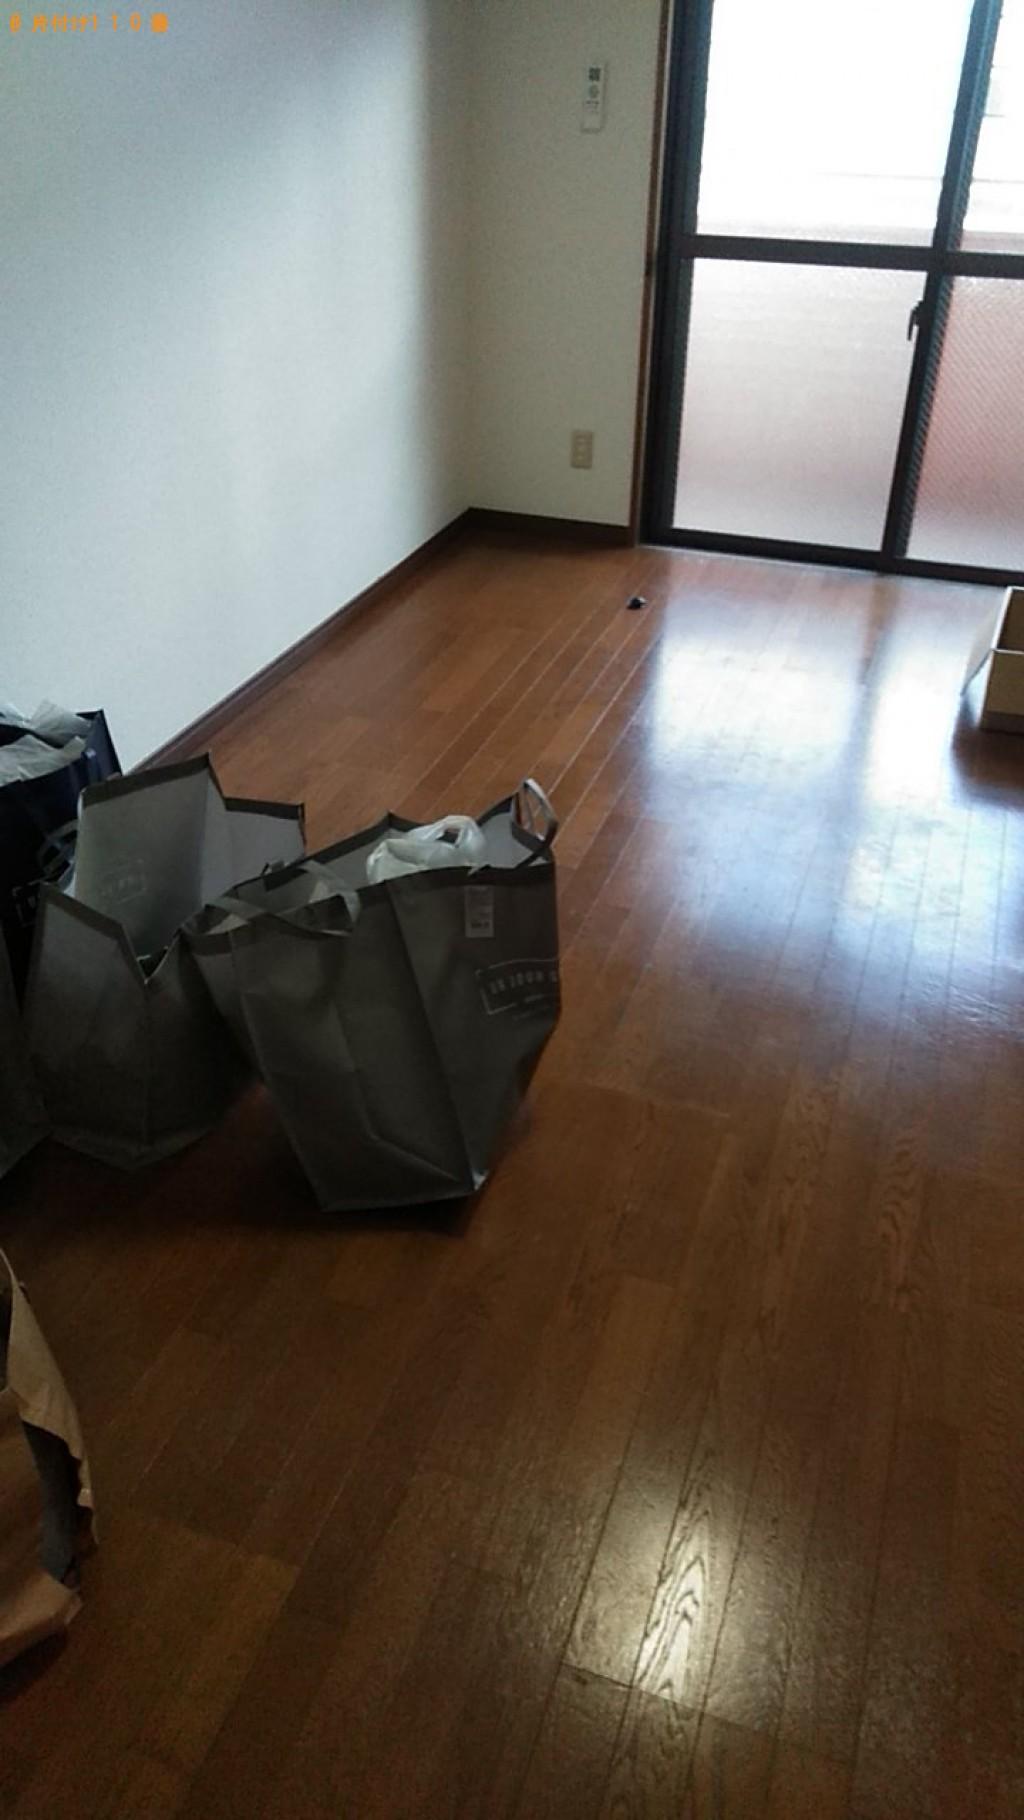 【松山市】座椅子、布団、物干し竿、パイプベッド等の回収・処分